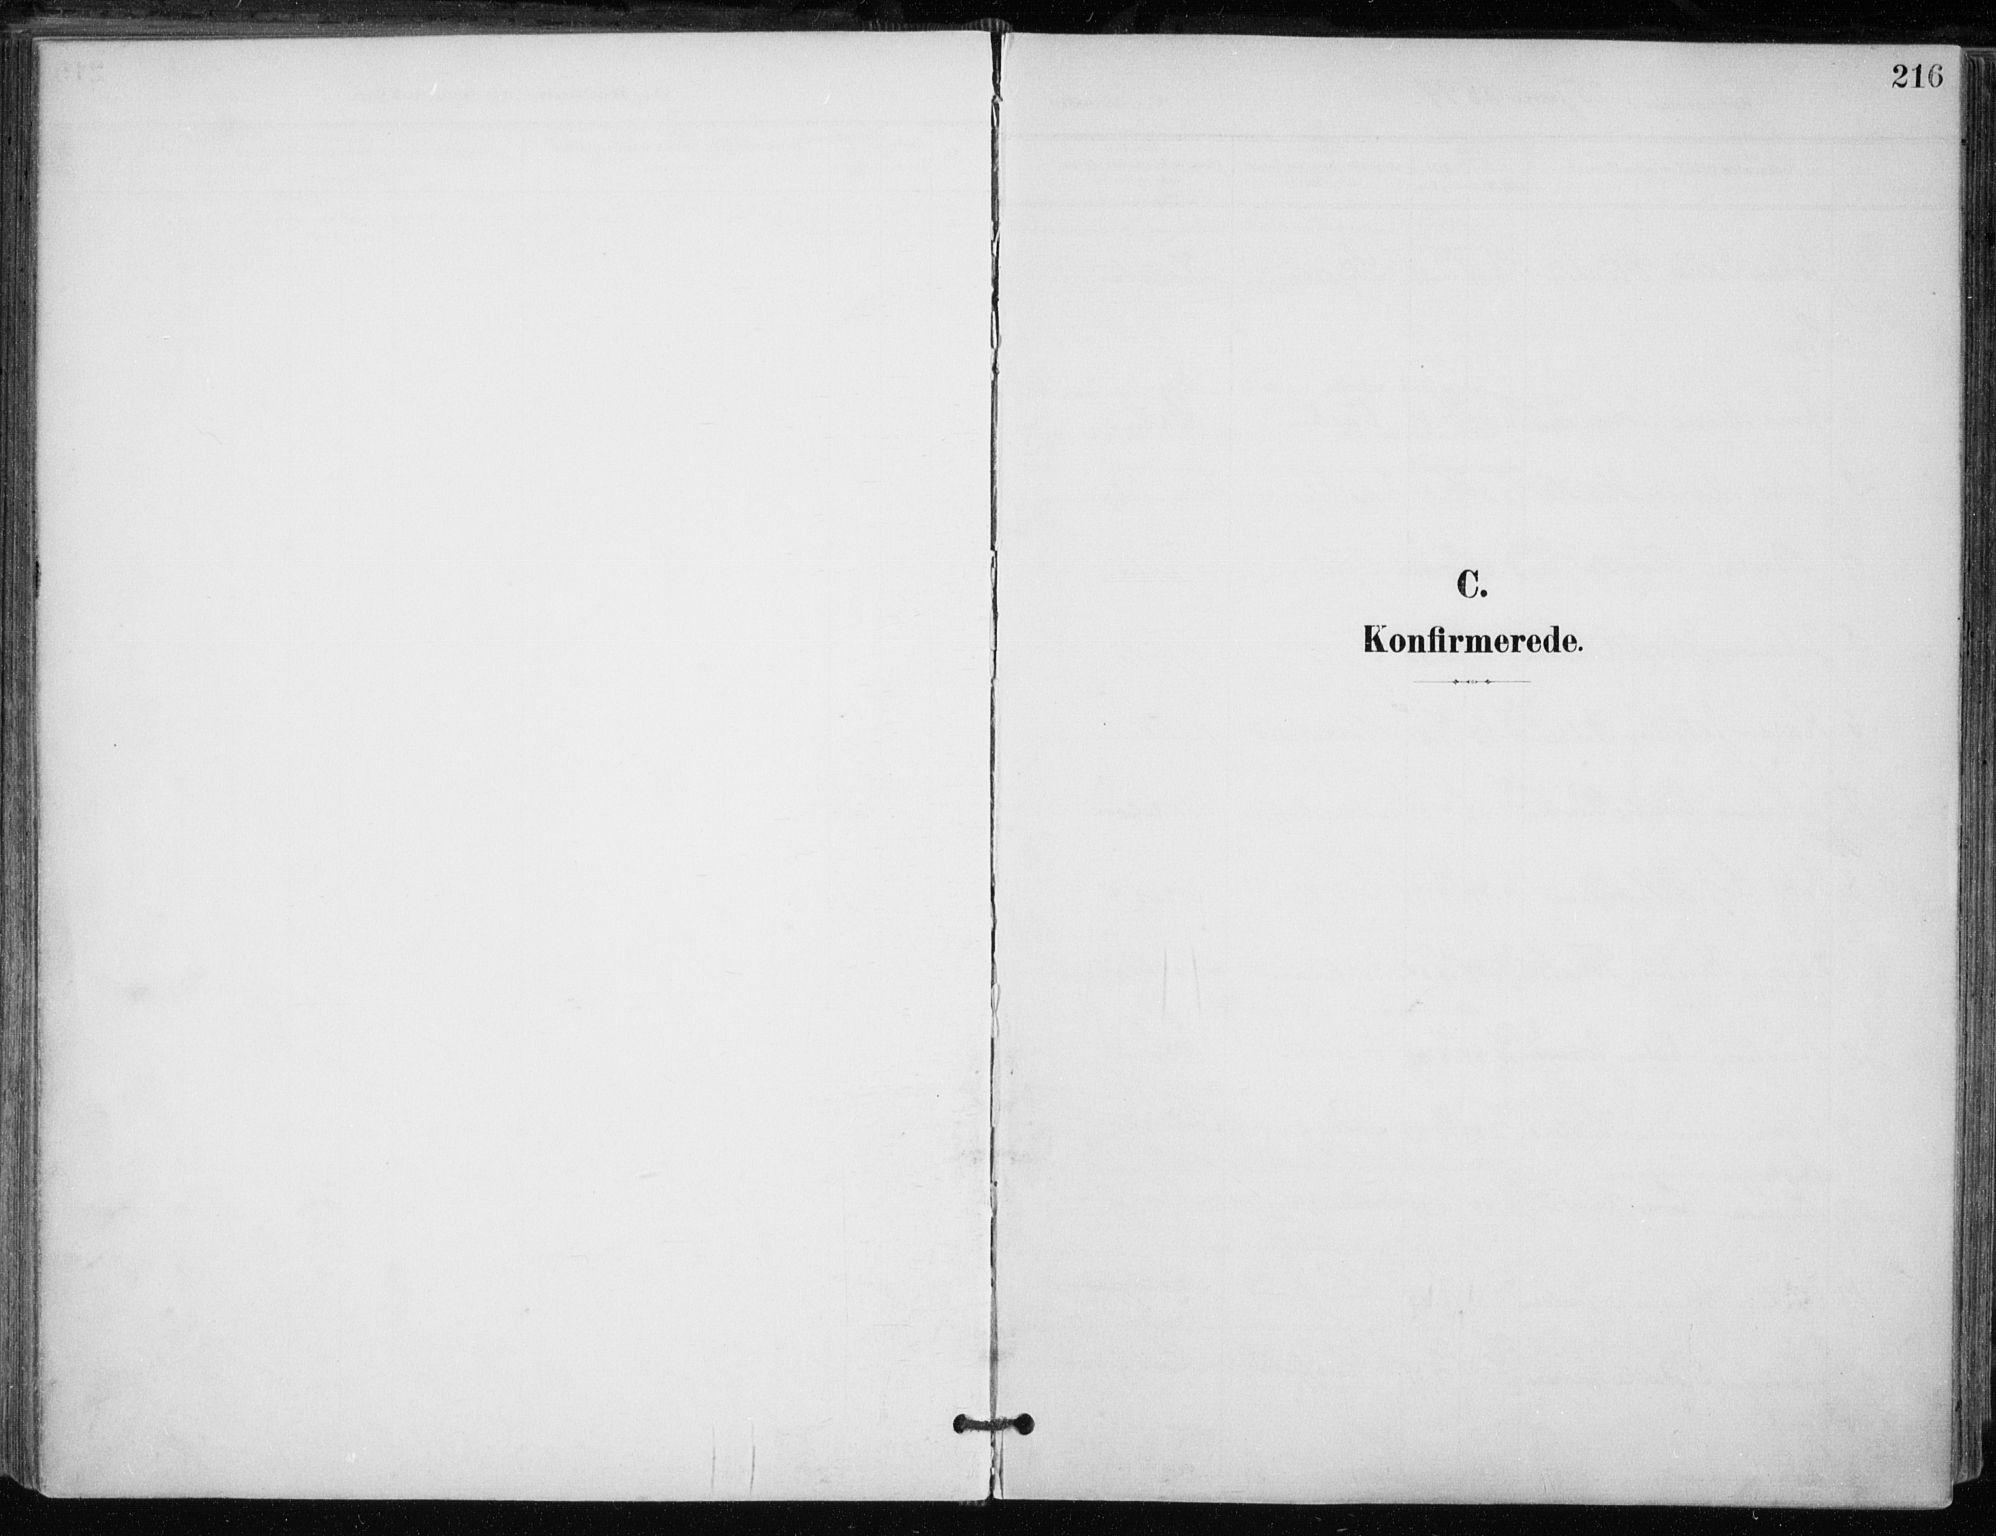 SATØ, Trondenes sokneprestkontor, H/Ha/L0017kirke: Ministerialbok nr. 17, 1899-1908, s. 216